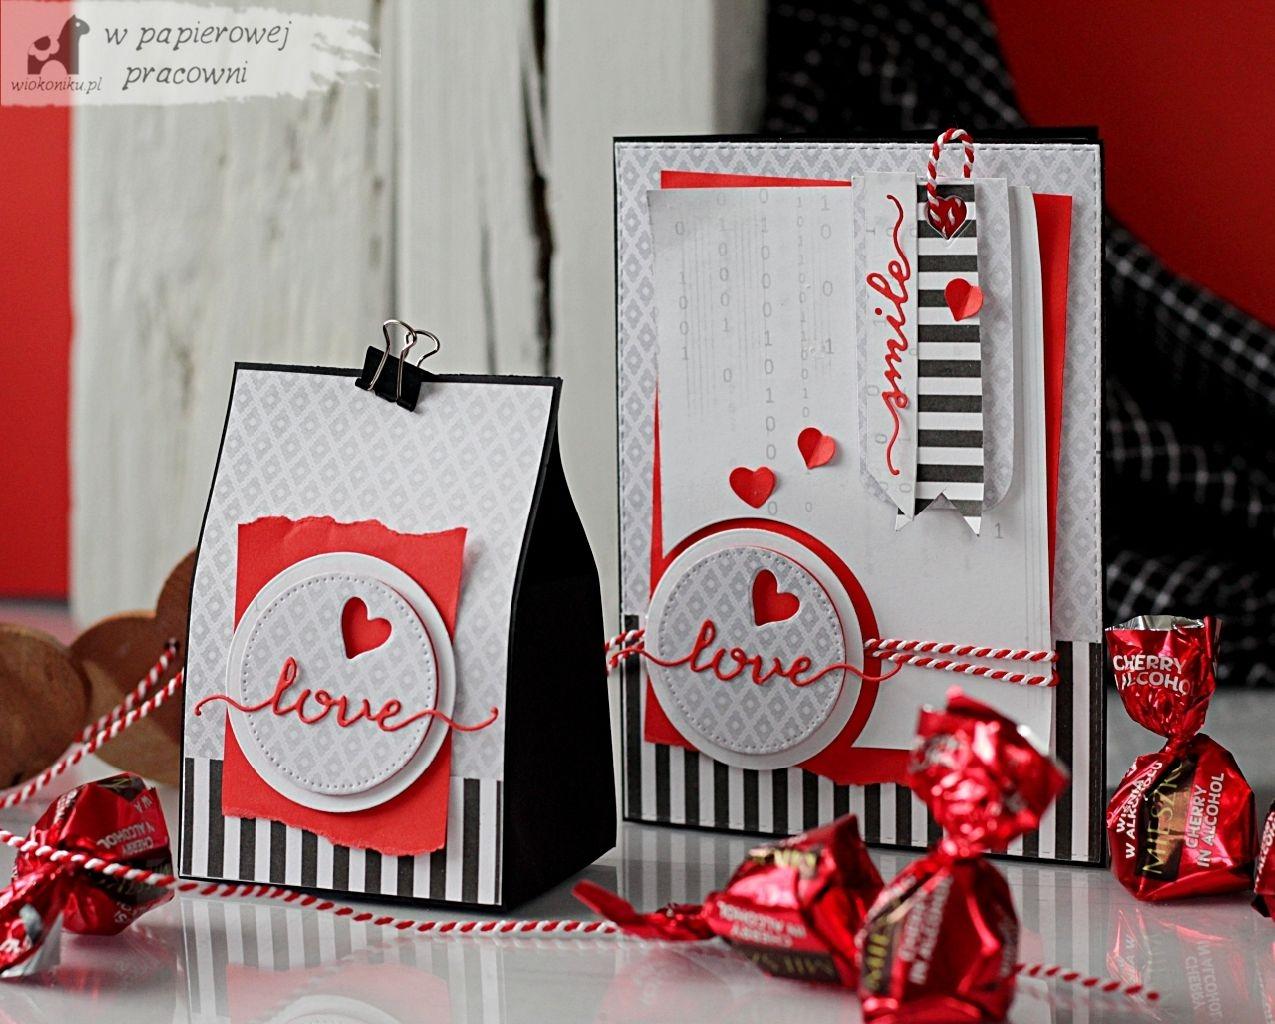 Walentynkowy komplet dla mężczyzny